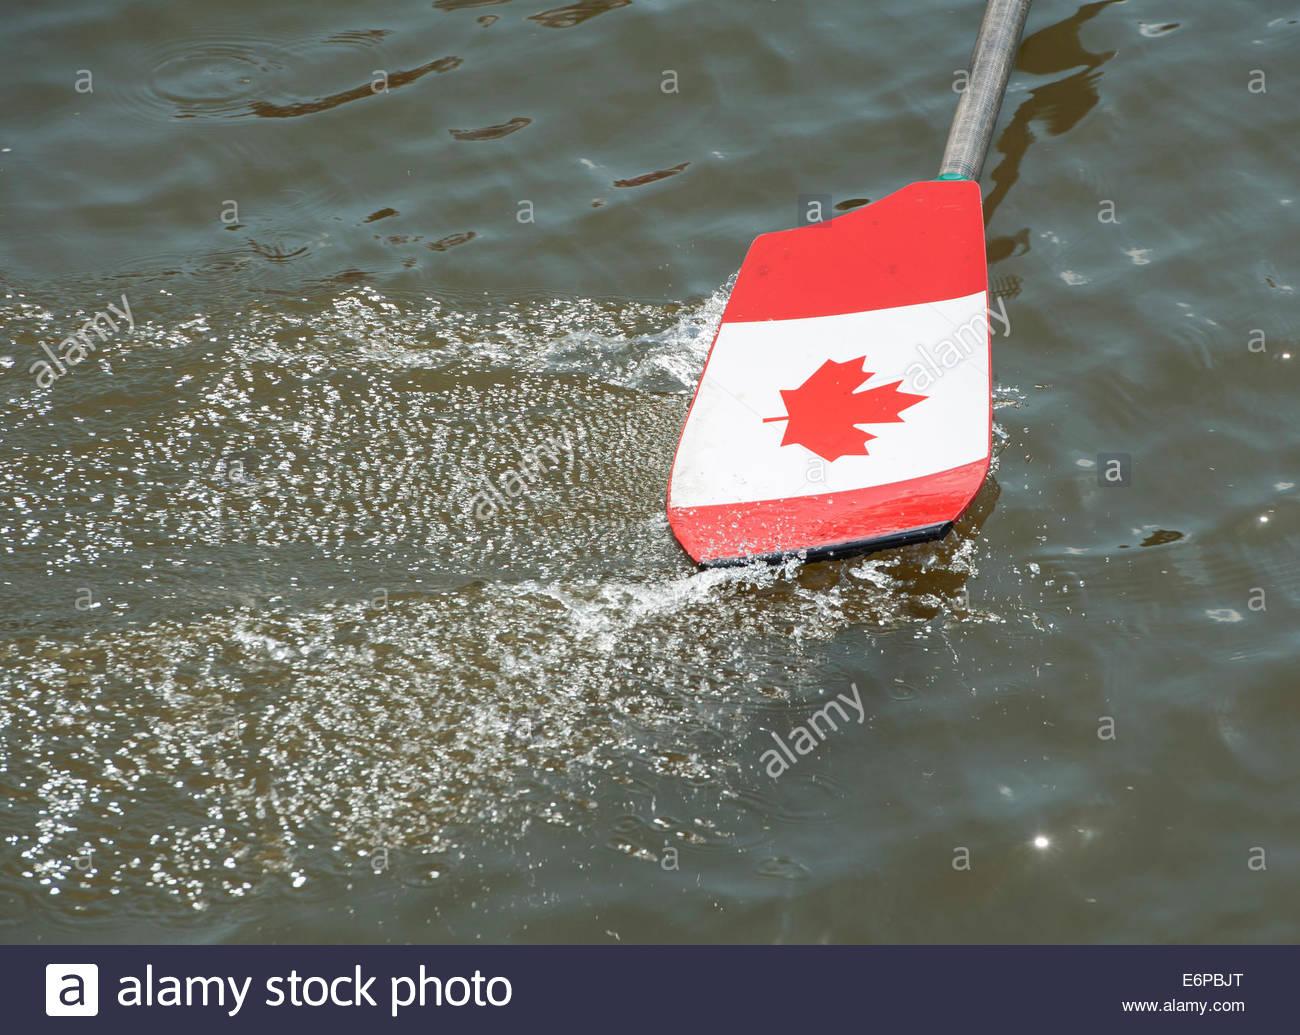 Amsterdam nl 27 Agosto 2014 Mondo campionati di canottaggio. Canottaggio canadese remo. Immagini Stock